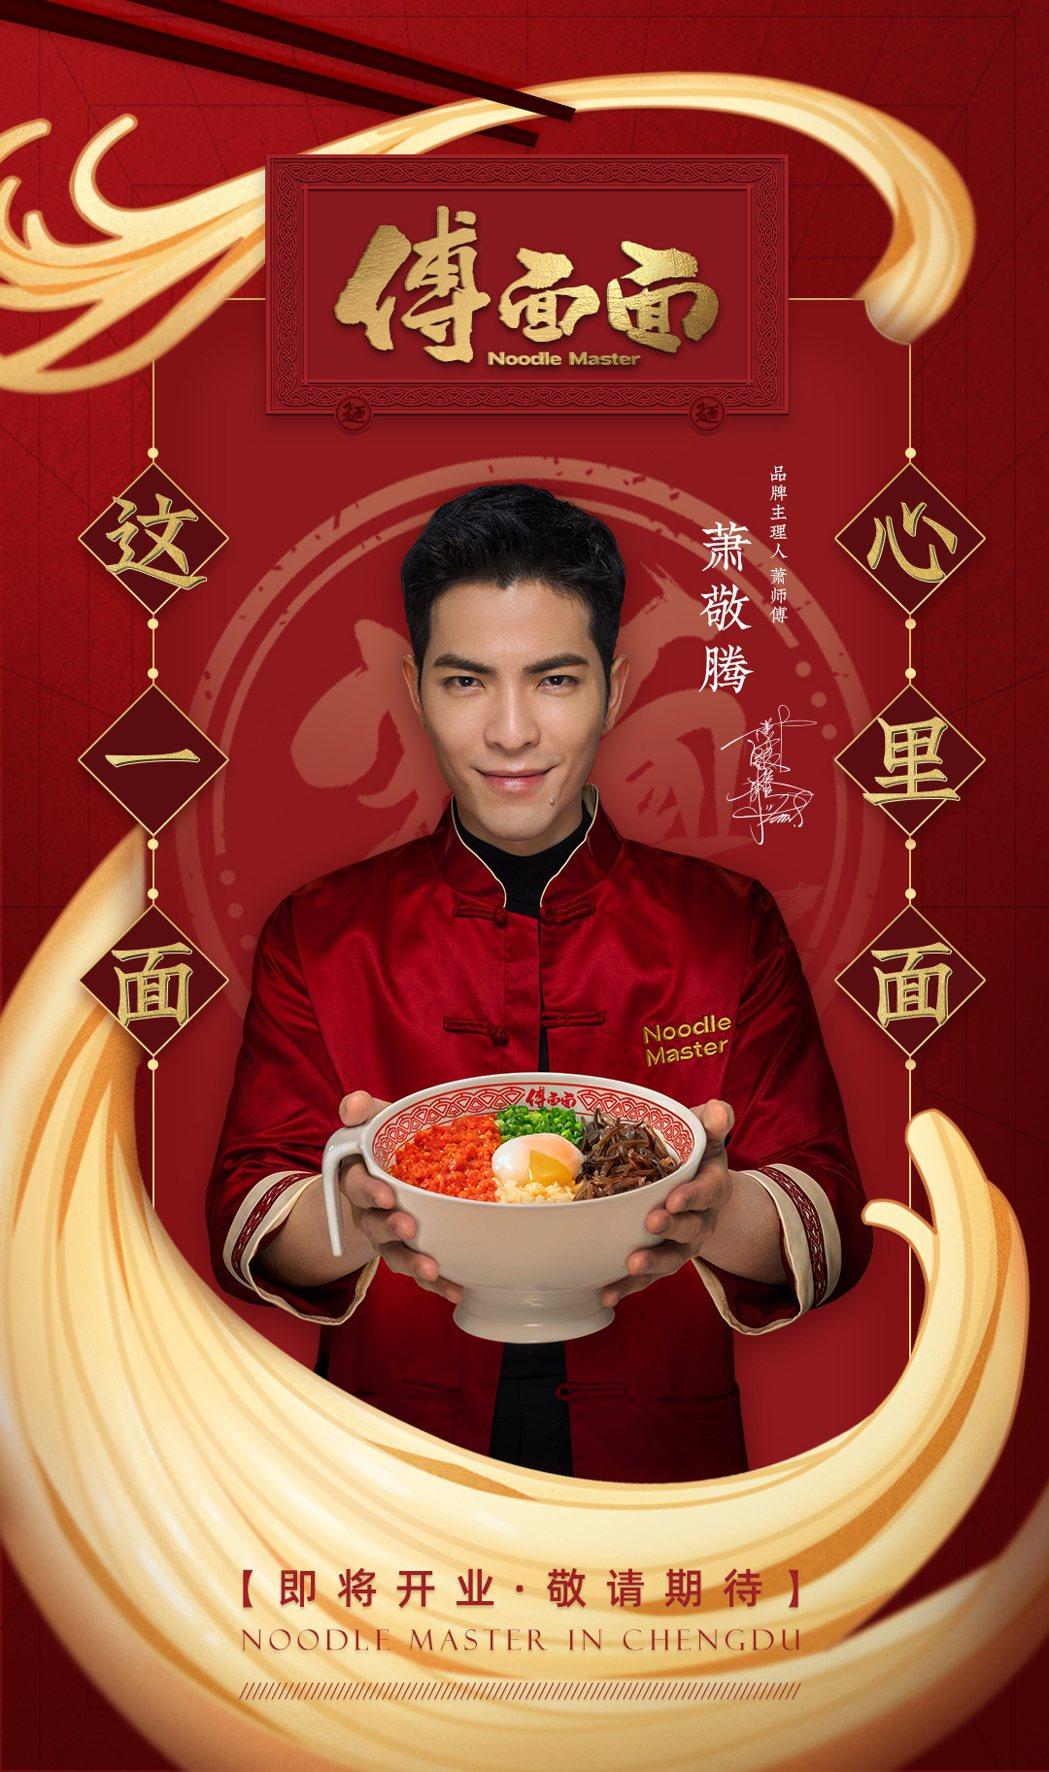 他變身「蕭師傅」於大陸跨界推出「傅麵麵」。圖/喜鵲娛樂提供